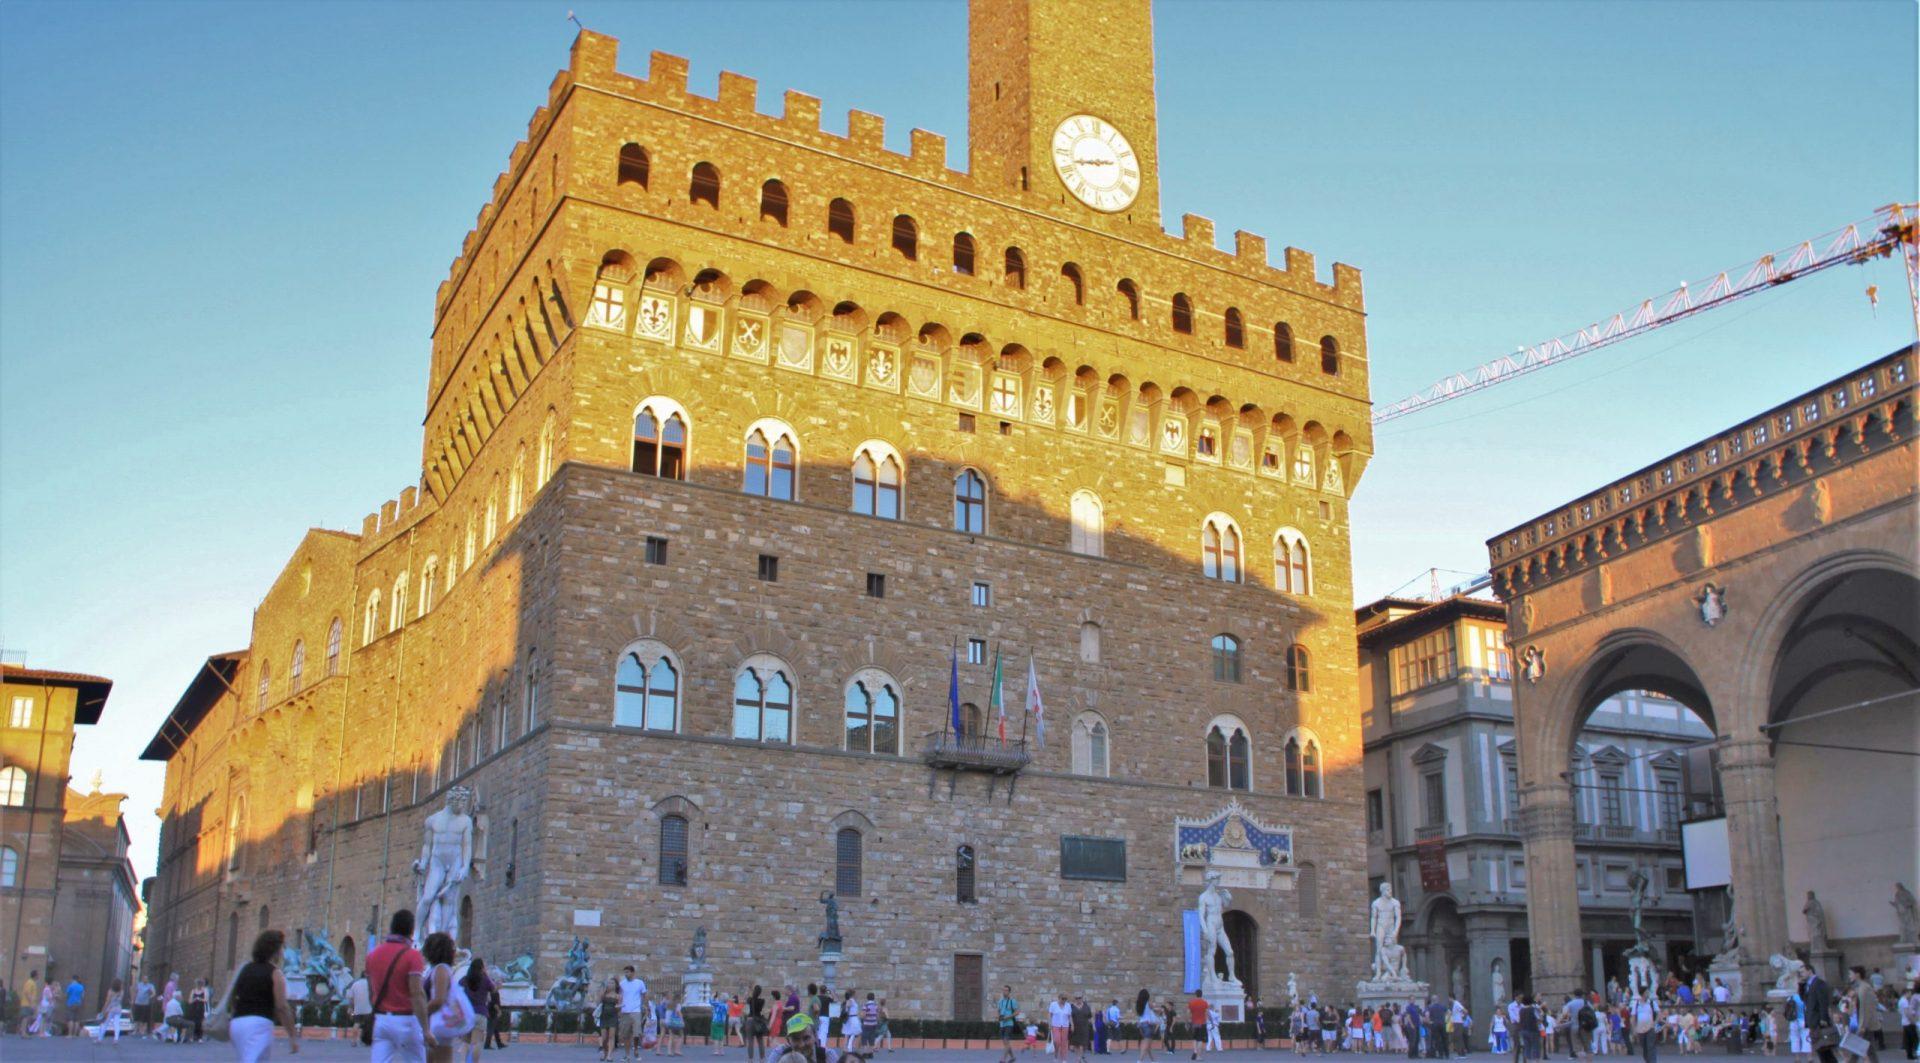 Площадь Синьории, Флоренция, Италия. Июль, 2012